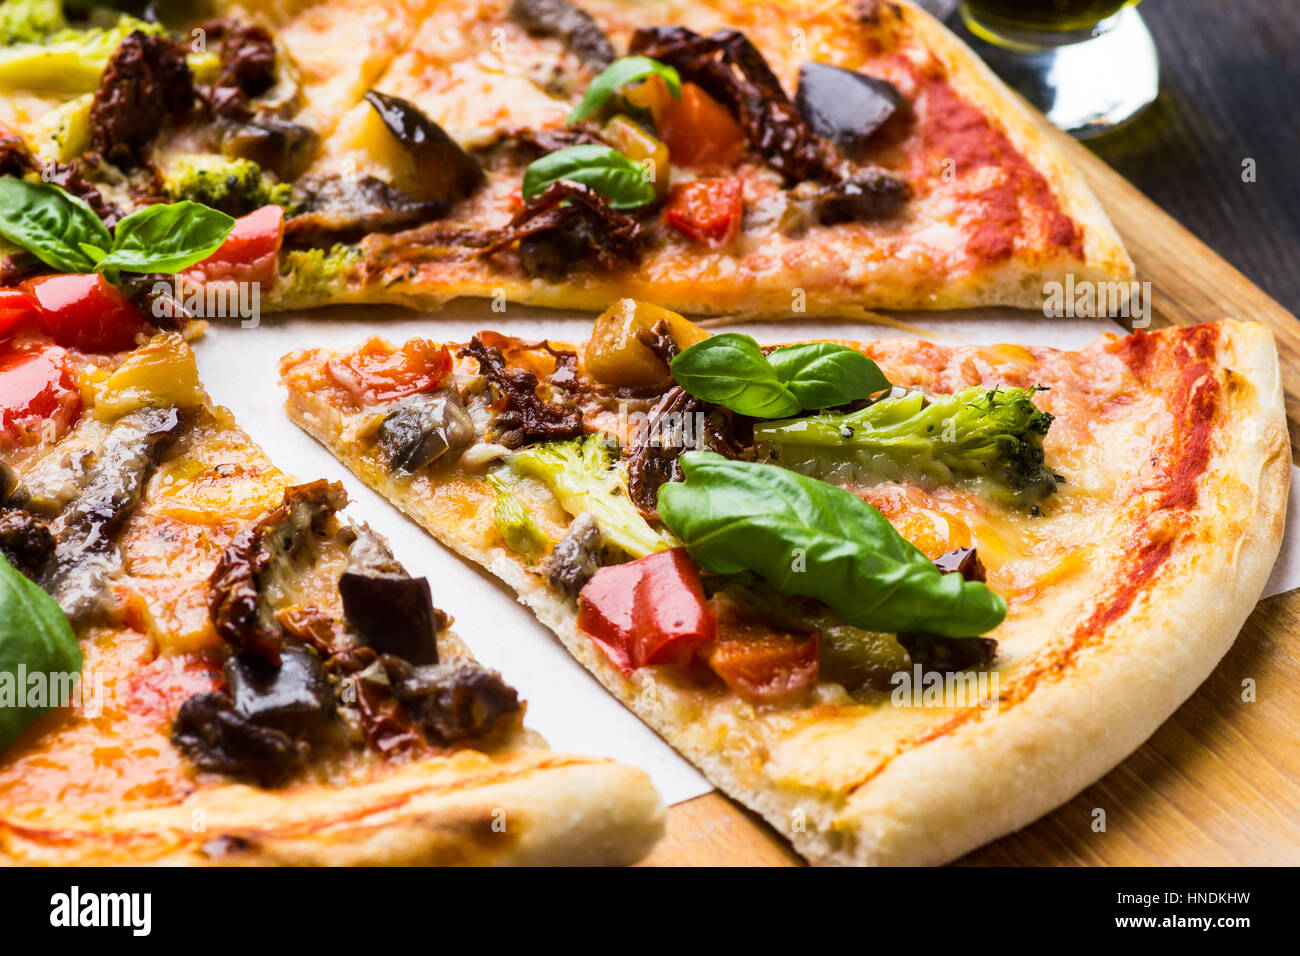 Frischer Pizza serviert auf Holztisch. Geringe Schärfentiefe. Stockbild